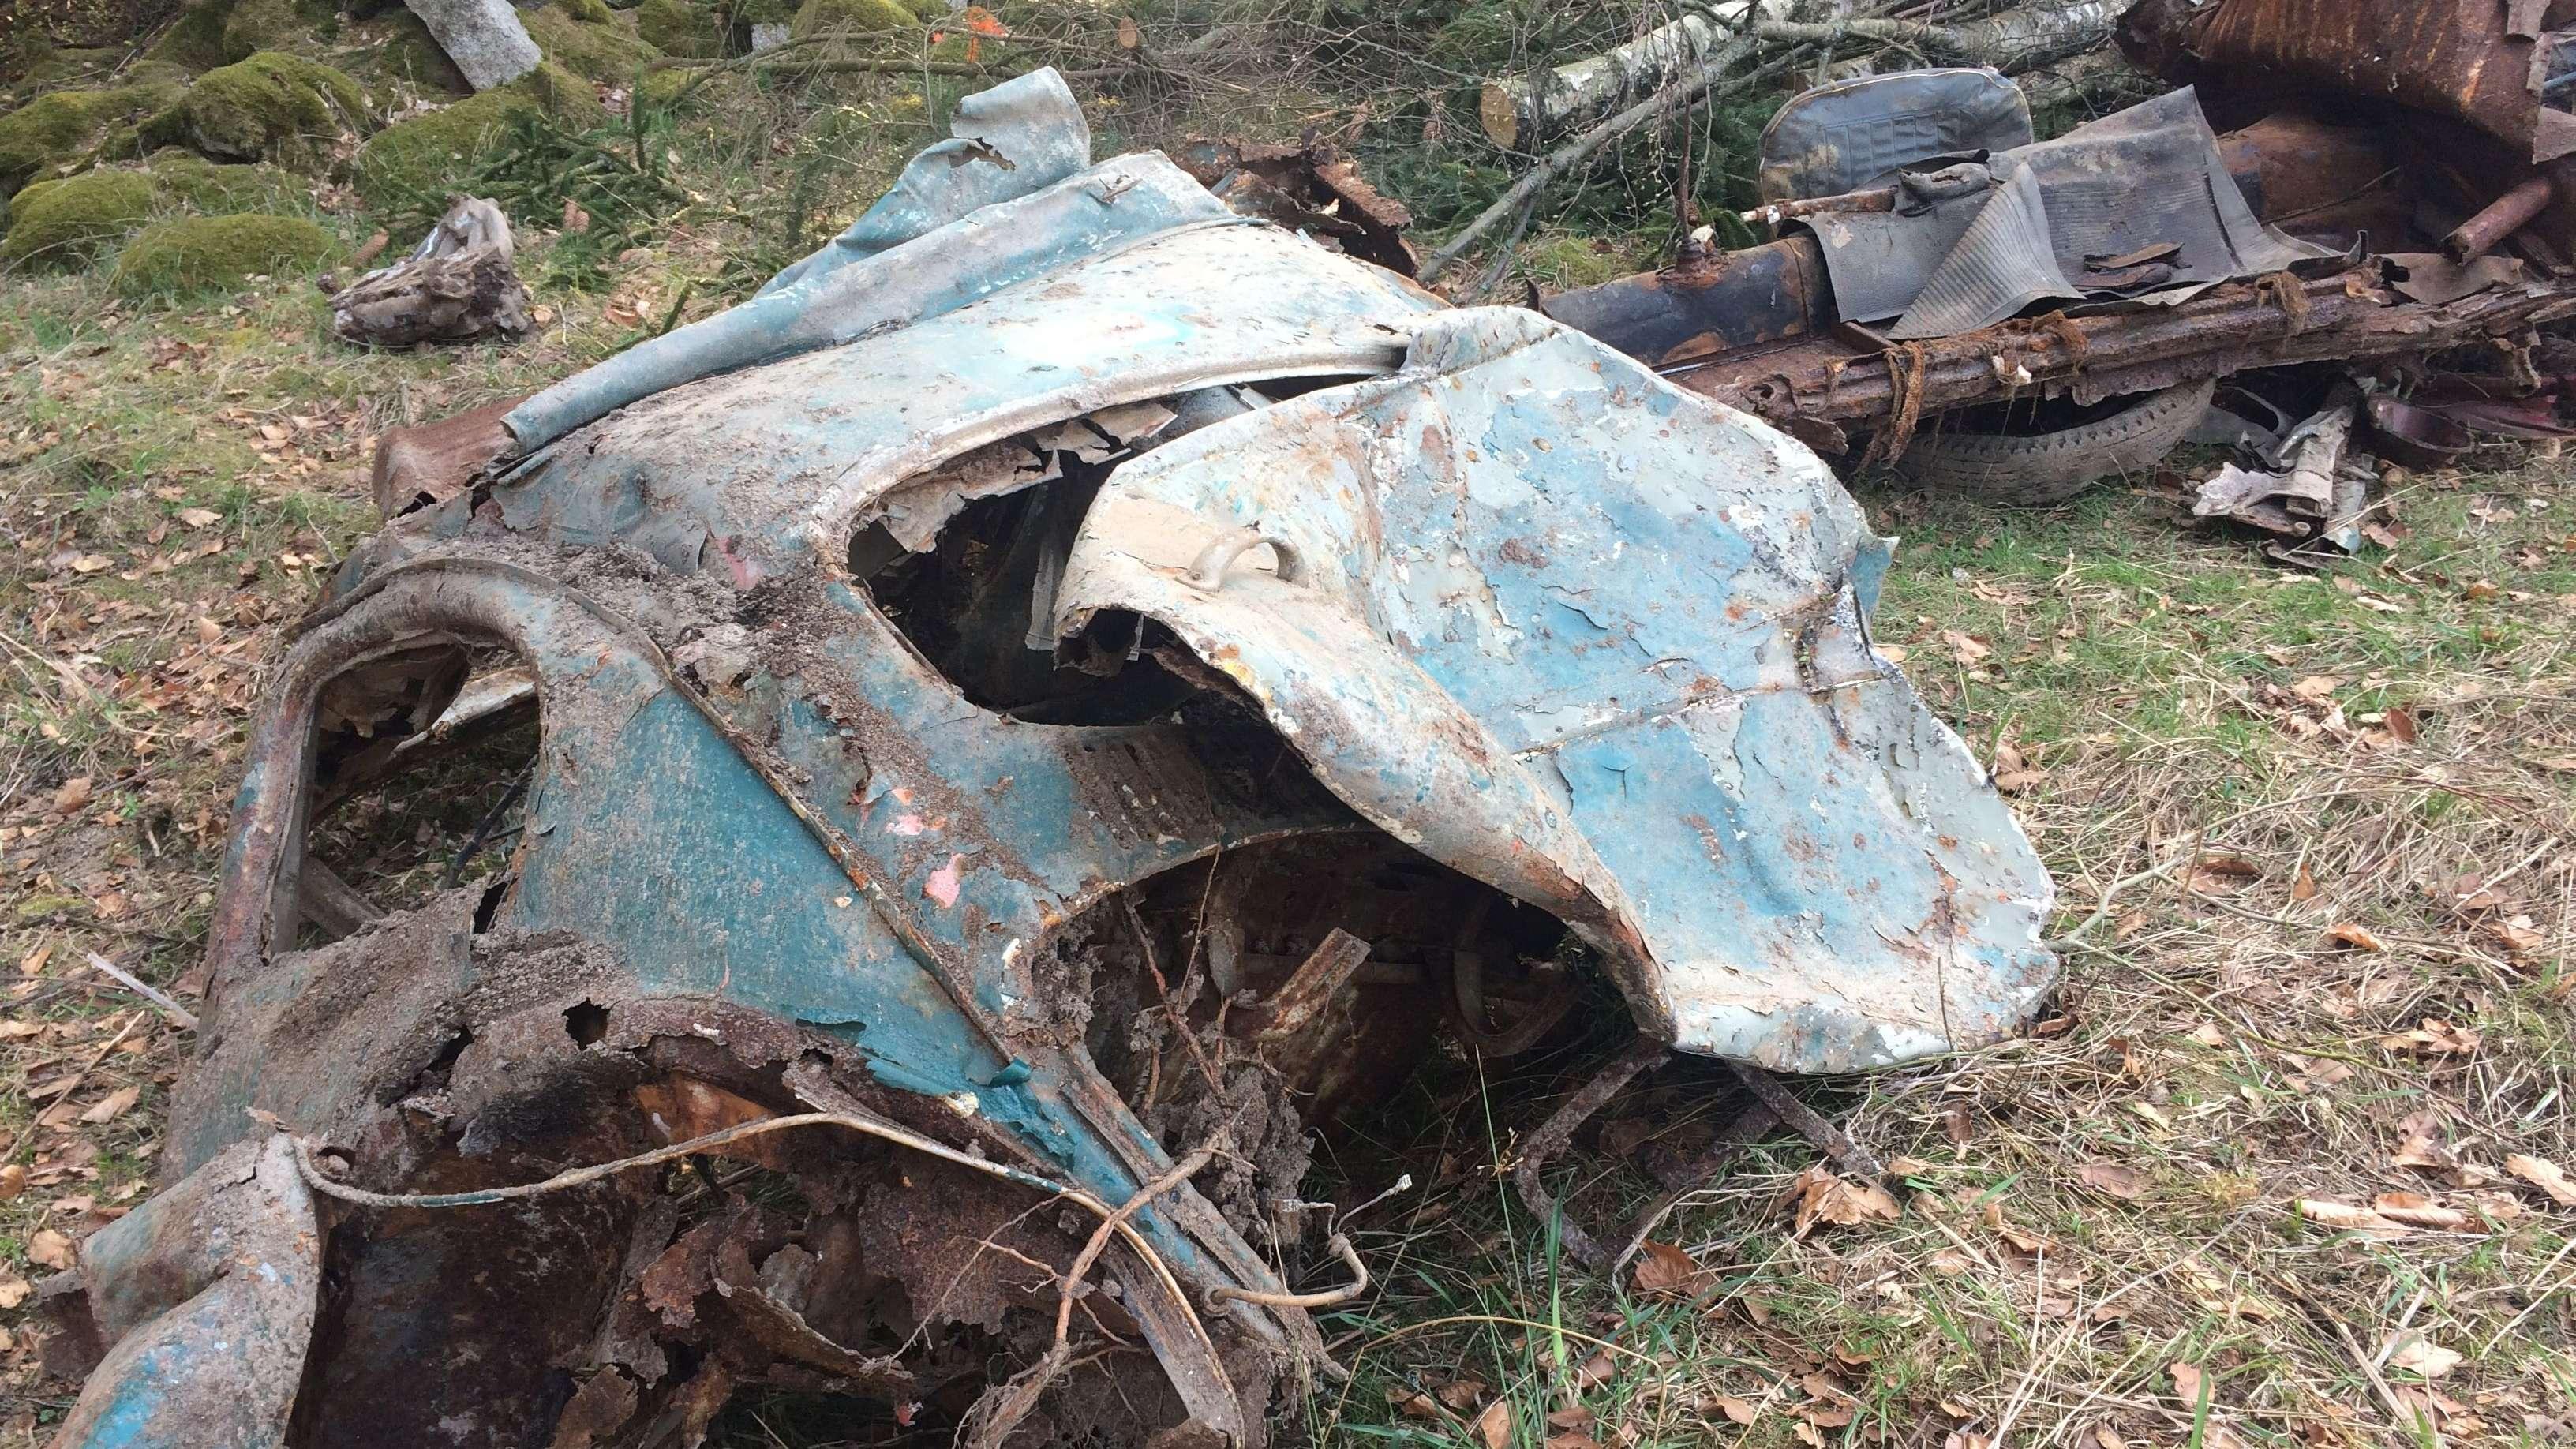 Teil des gefundenen Autowracks